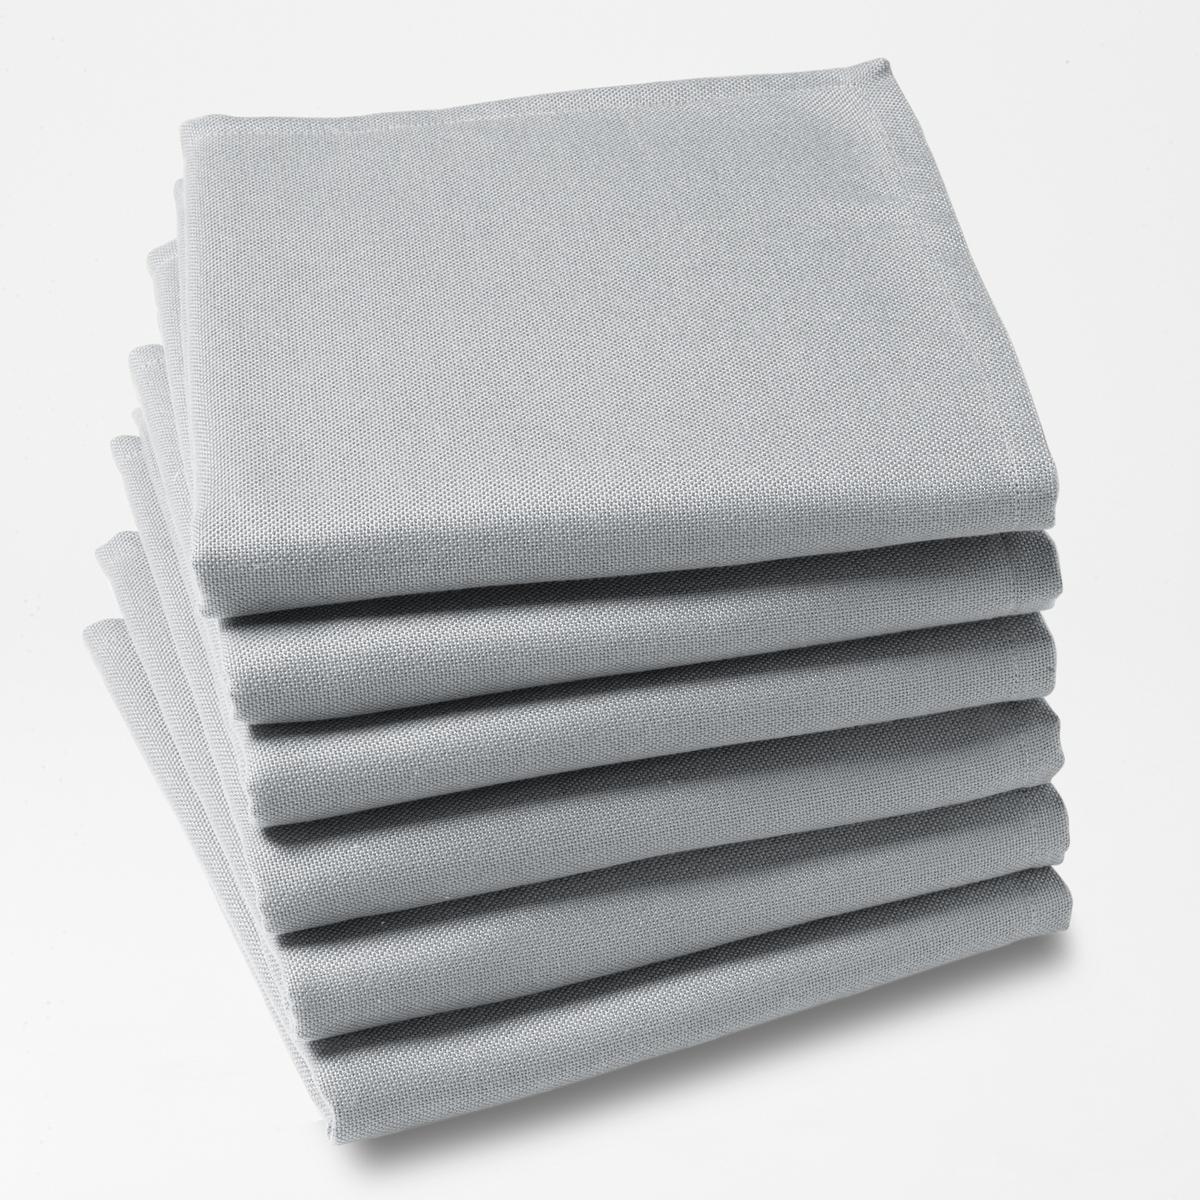 6 салфетокКомплект из 6 однотонных столовых салфеток из 100% полиэстера с покрытием от пятен. Легкость ухода, глажение не требуется.Характеристики столовых салфеток:100% полиэстера.Покрытие от пятен.Подшитые края. Стирать при 40°.Размер. 45 x 45 см.Знак Oeko-Tex® гарантирует, что товары протестированы и сертифицированы, не содержат вредных веществ, которые могли бы нанести вред здоровью.<br><br>Цвет: светло-серый,серый<br>Размер: 45 x 45  см.45 x 45  см